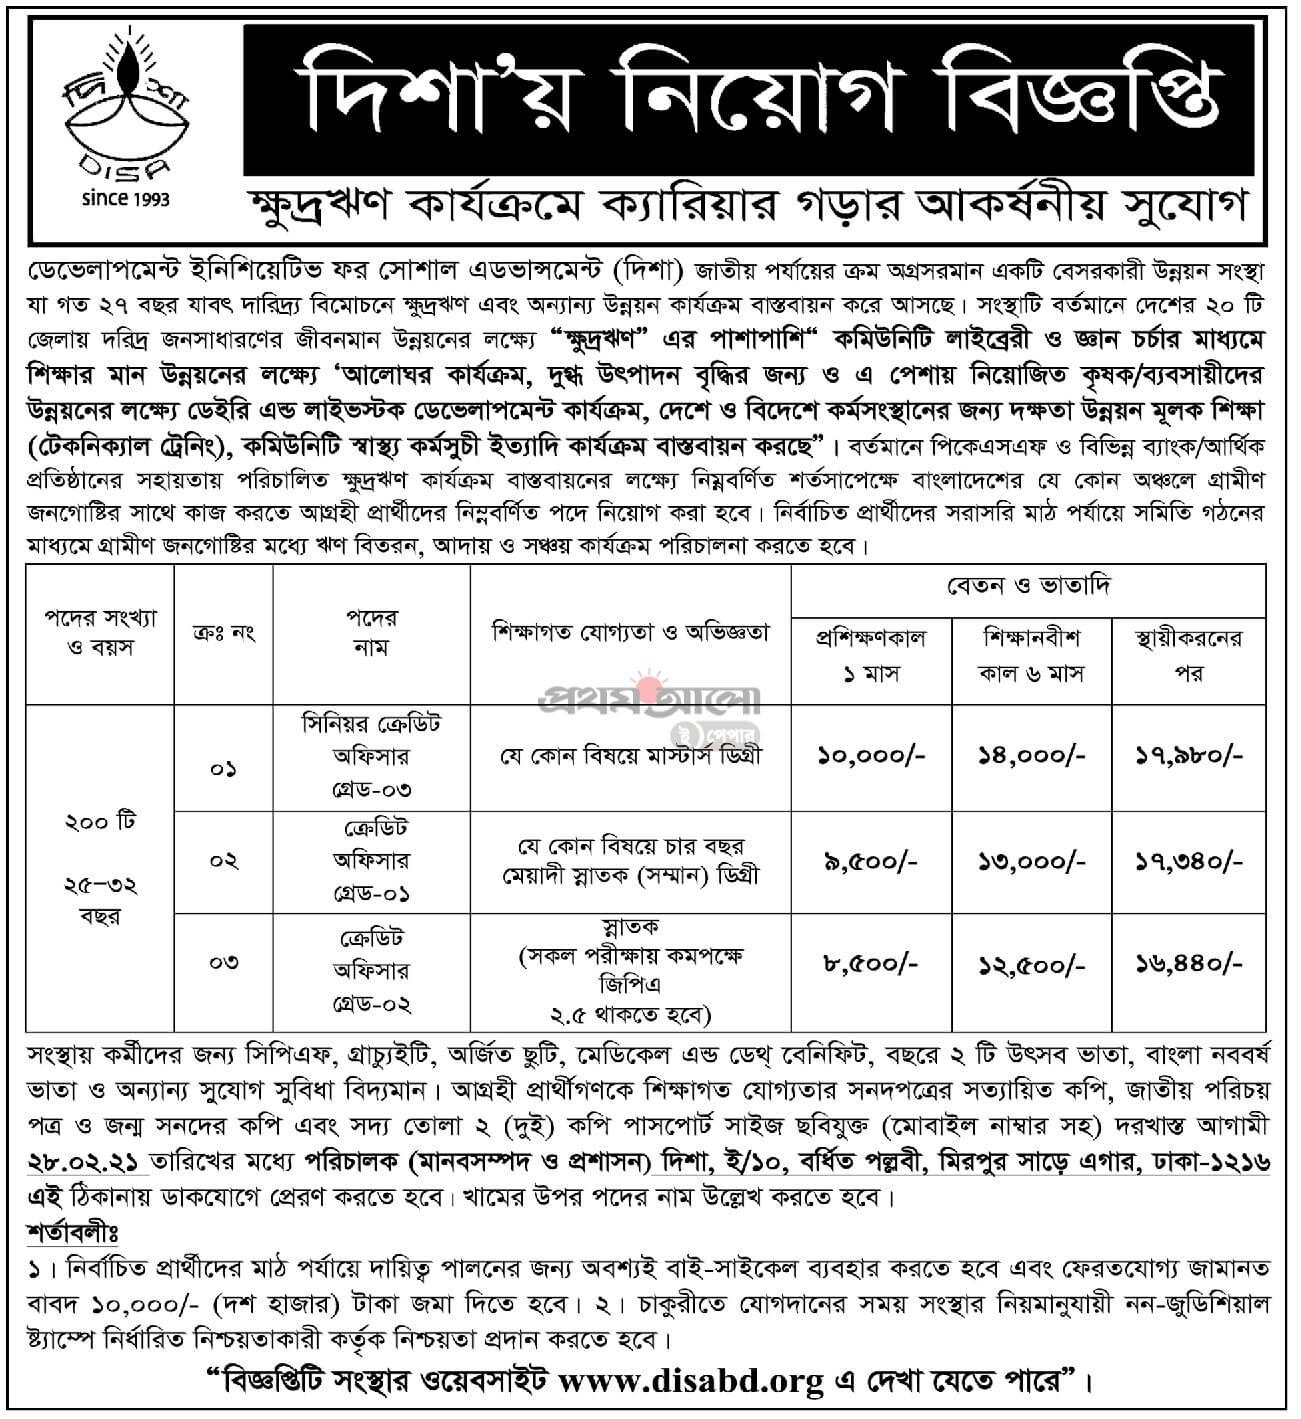 Disha NGO job circular